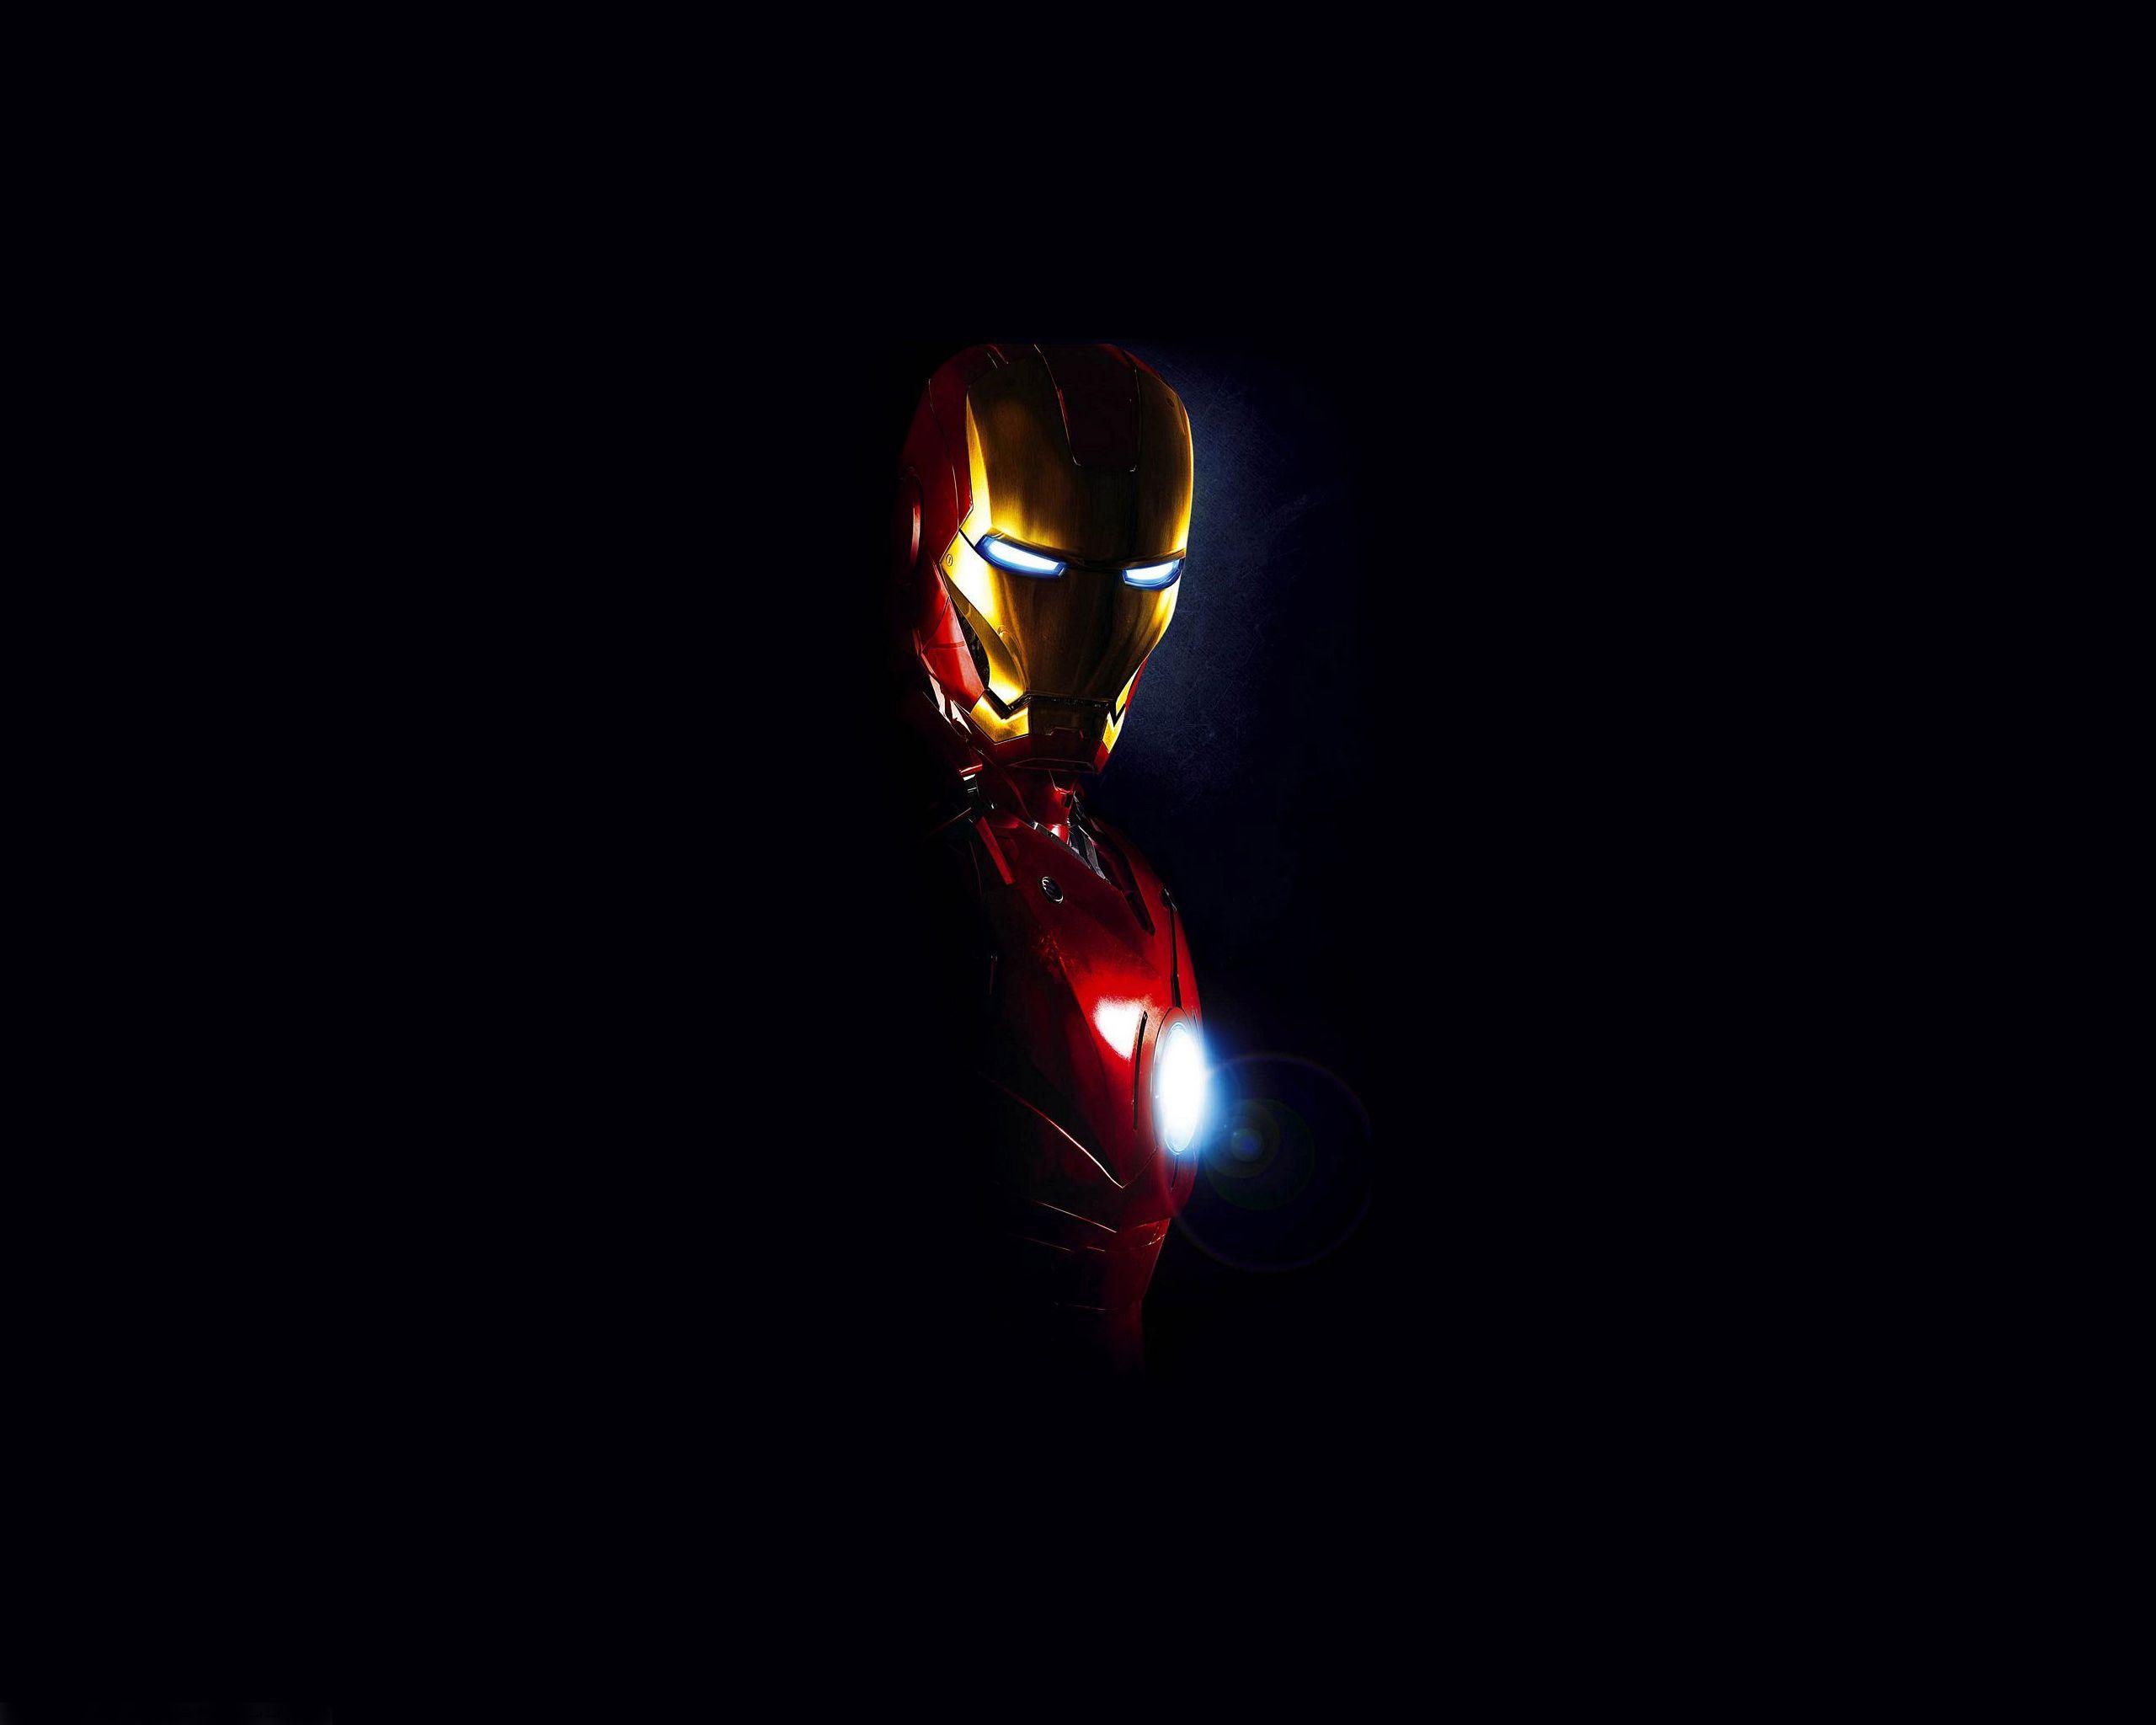 Iron Man 3 Dark Face Wallpaper HD Wallpapers Desktop